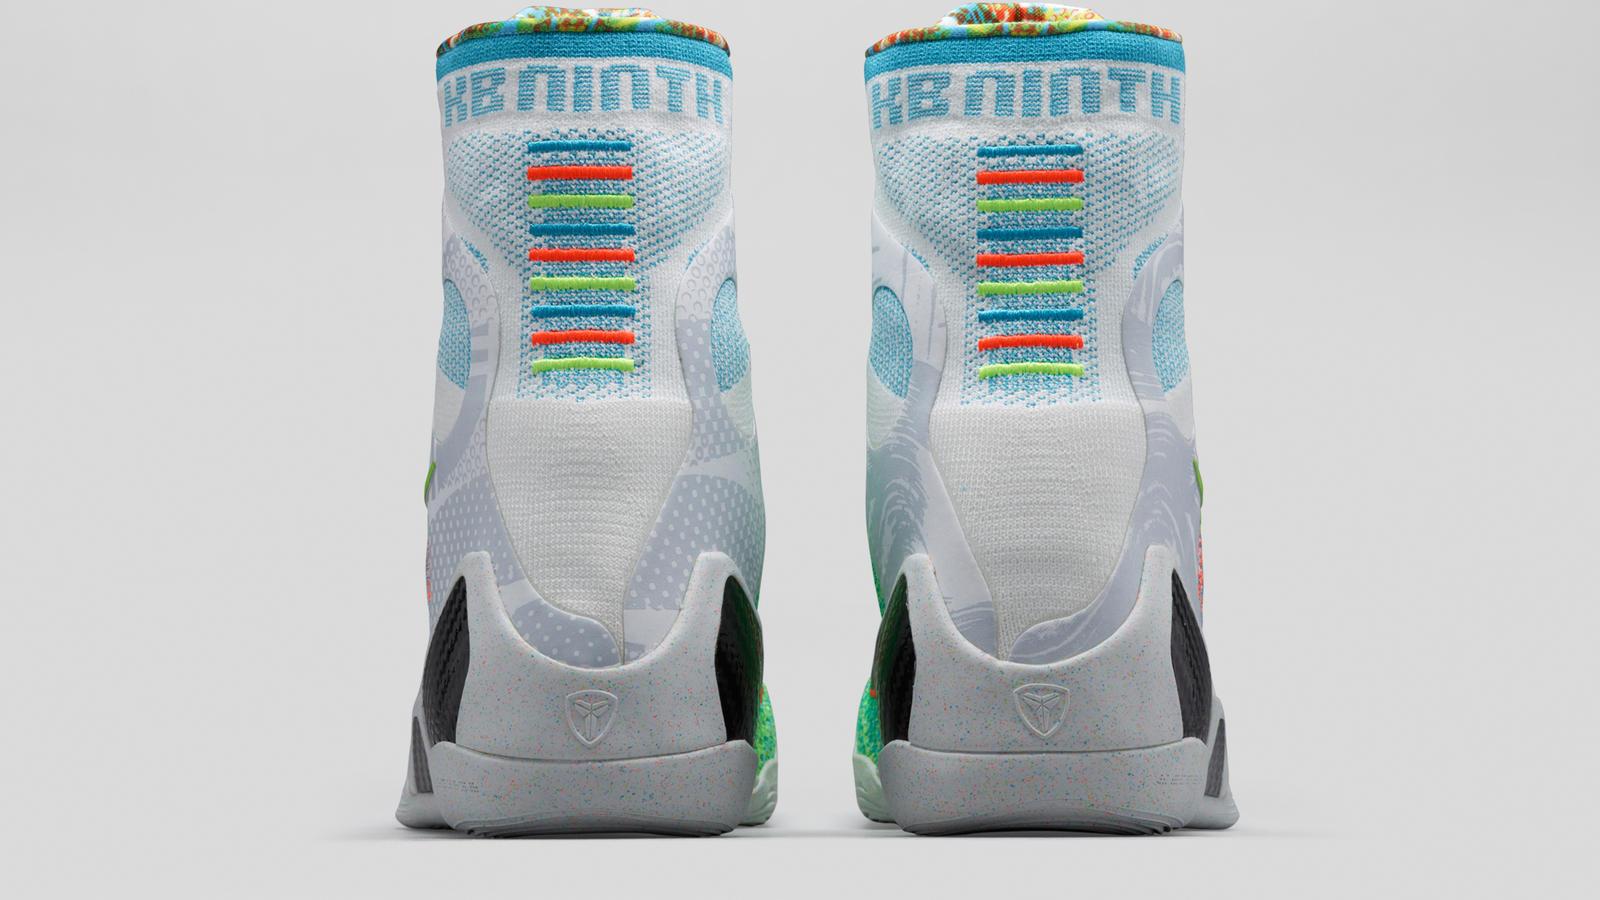 low priced 73357 d7740 Kobe 9 Elite What The Multi Color Heel FB. KOBE 9 ...